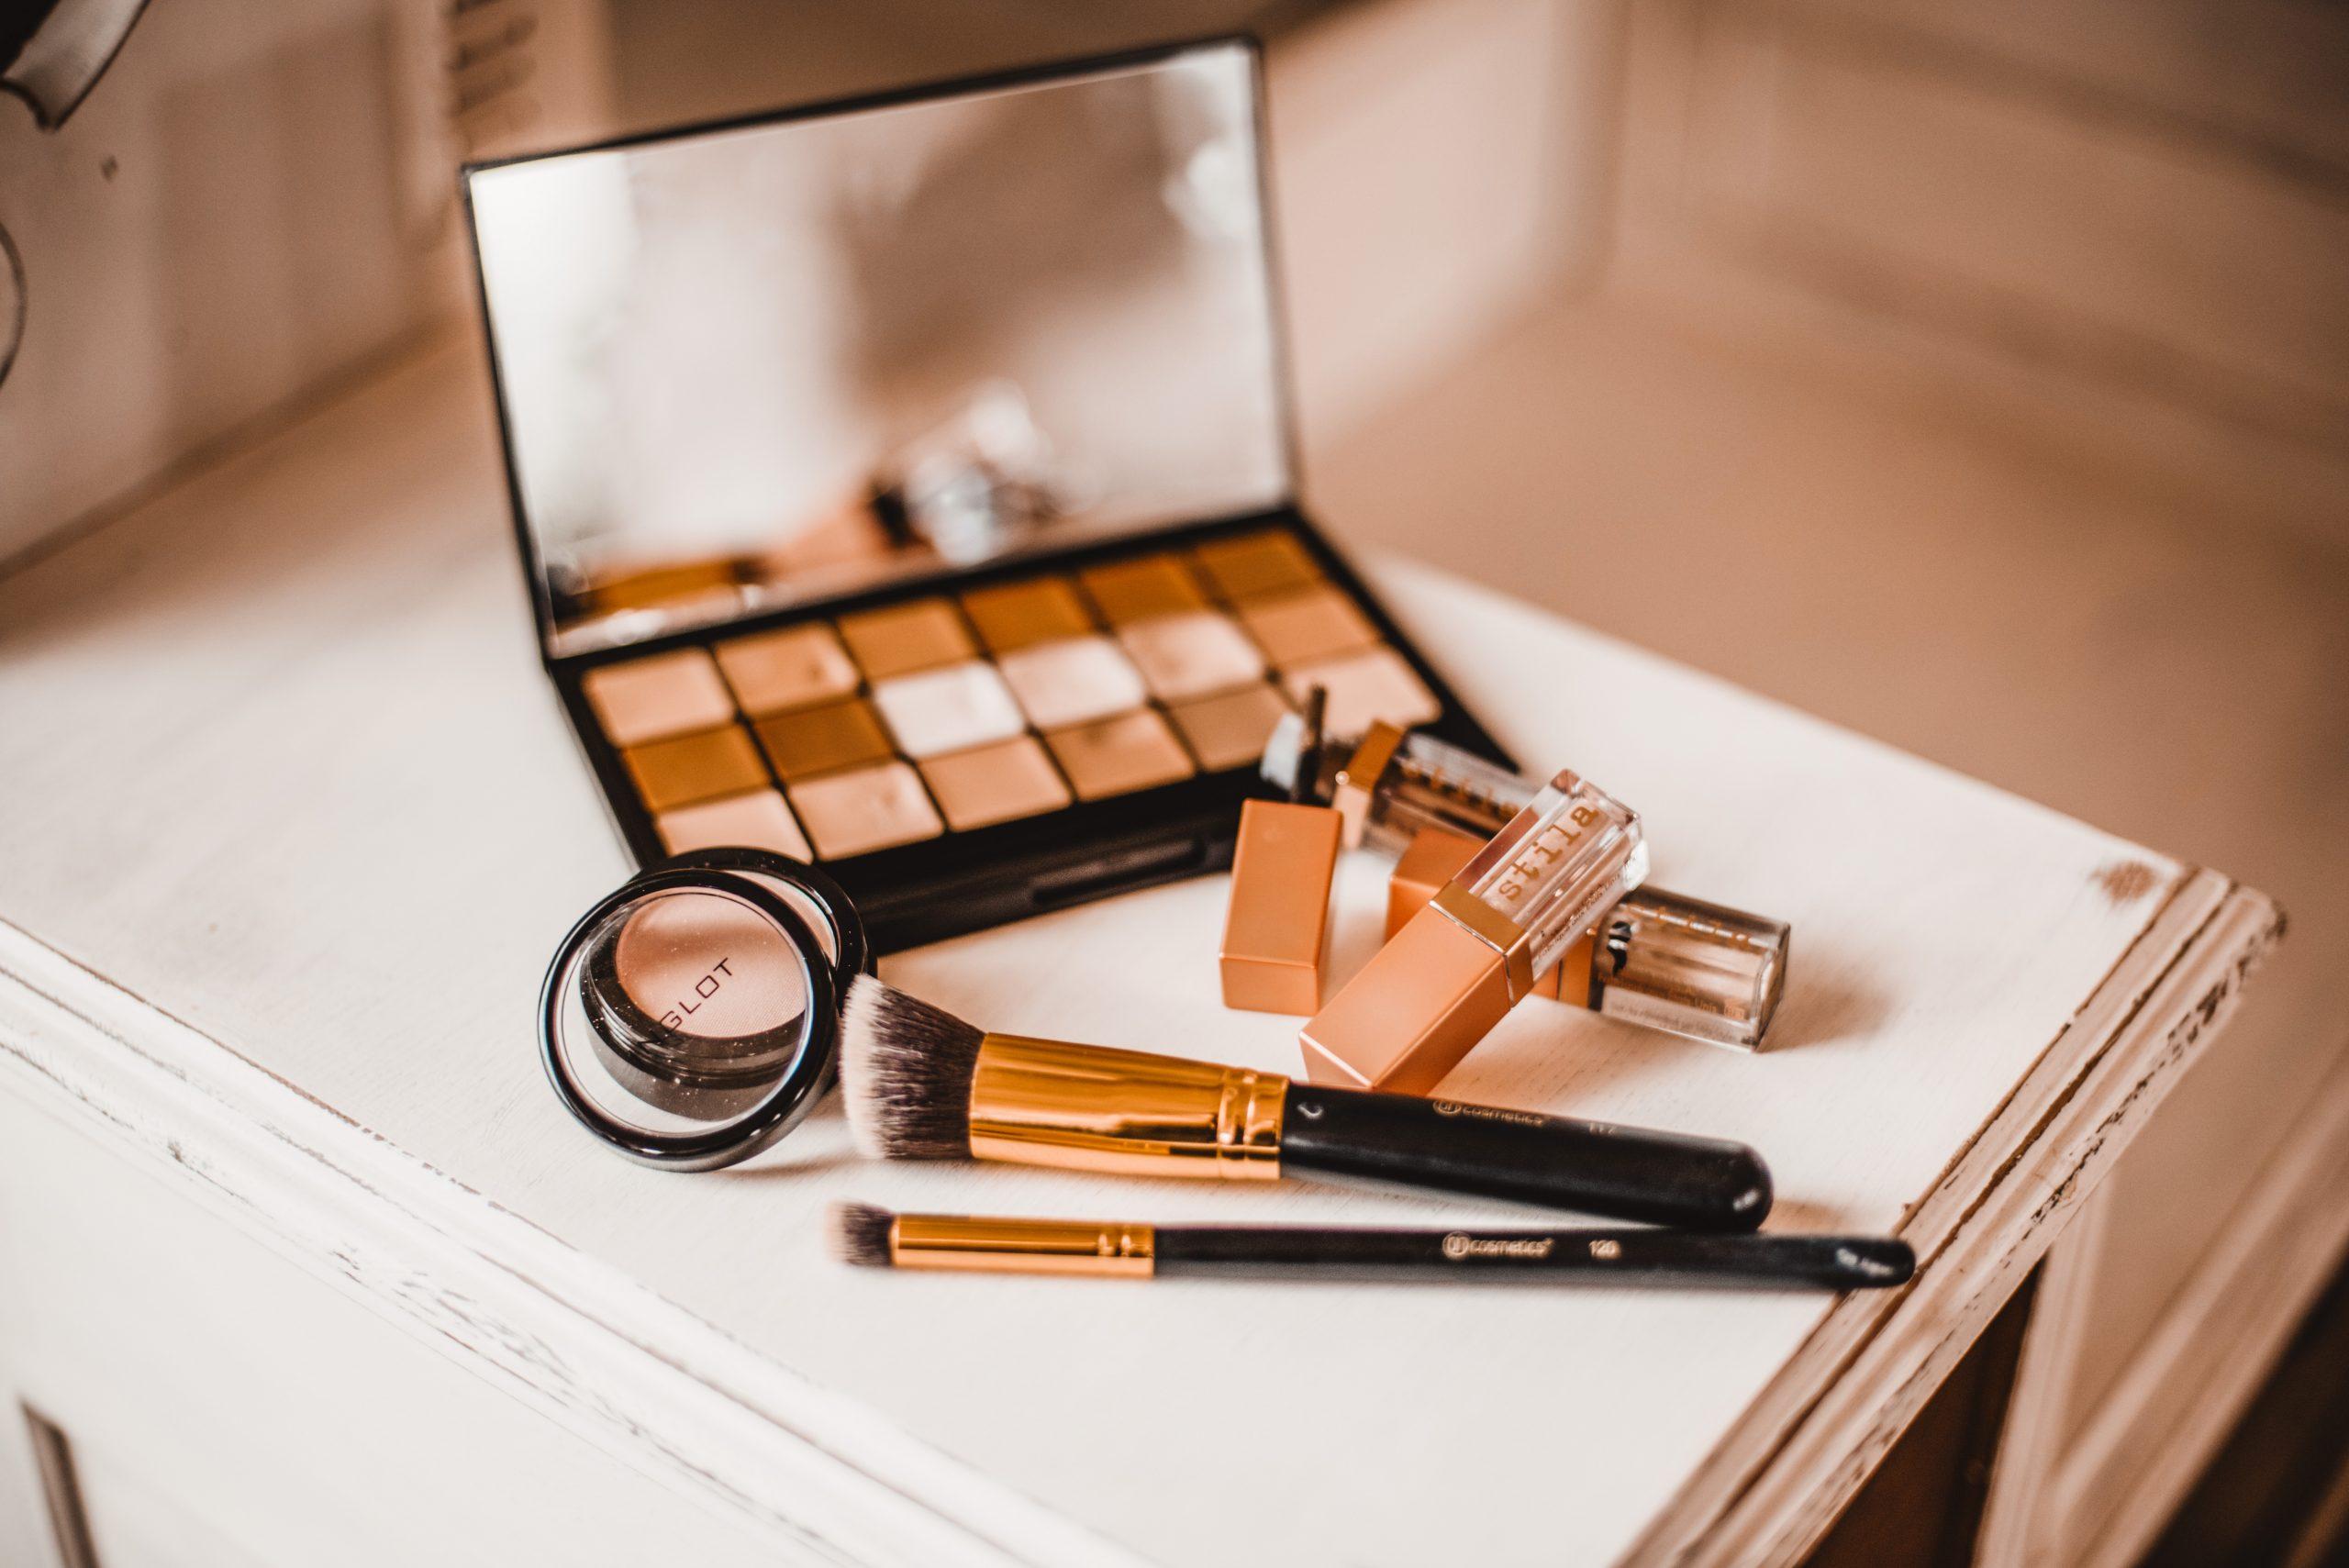 Trucco in 5 minuti: makeup veloce e sei pronta in un attimo!